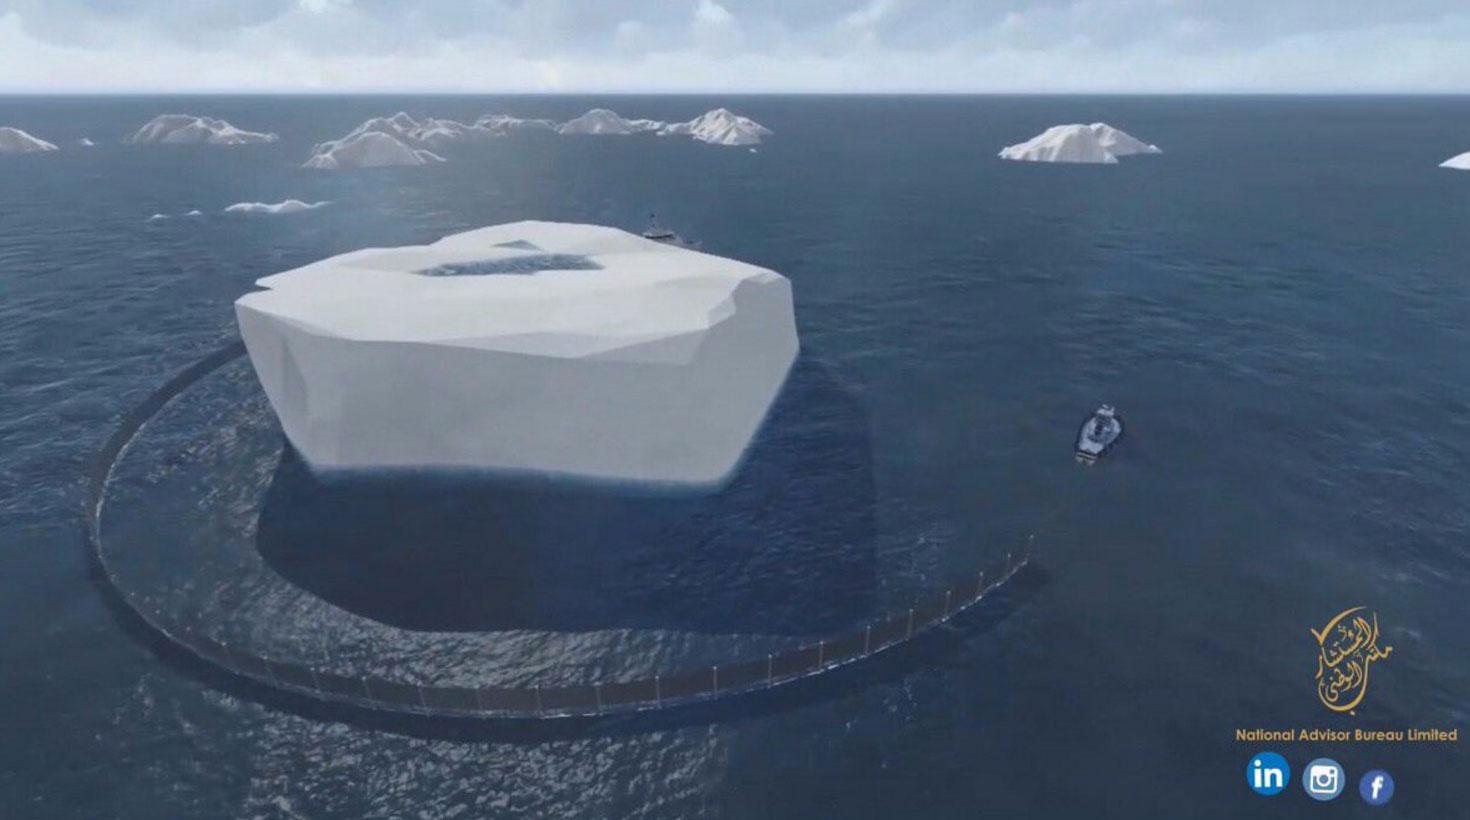 جابه جایی یخ قطب به سمت امارات